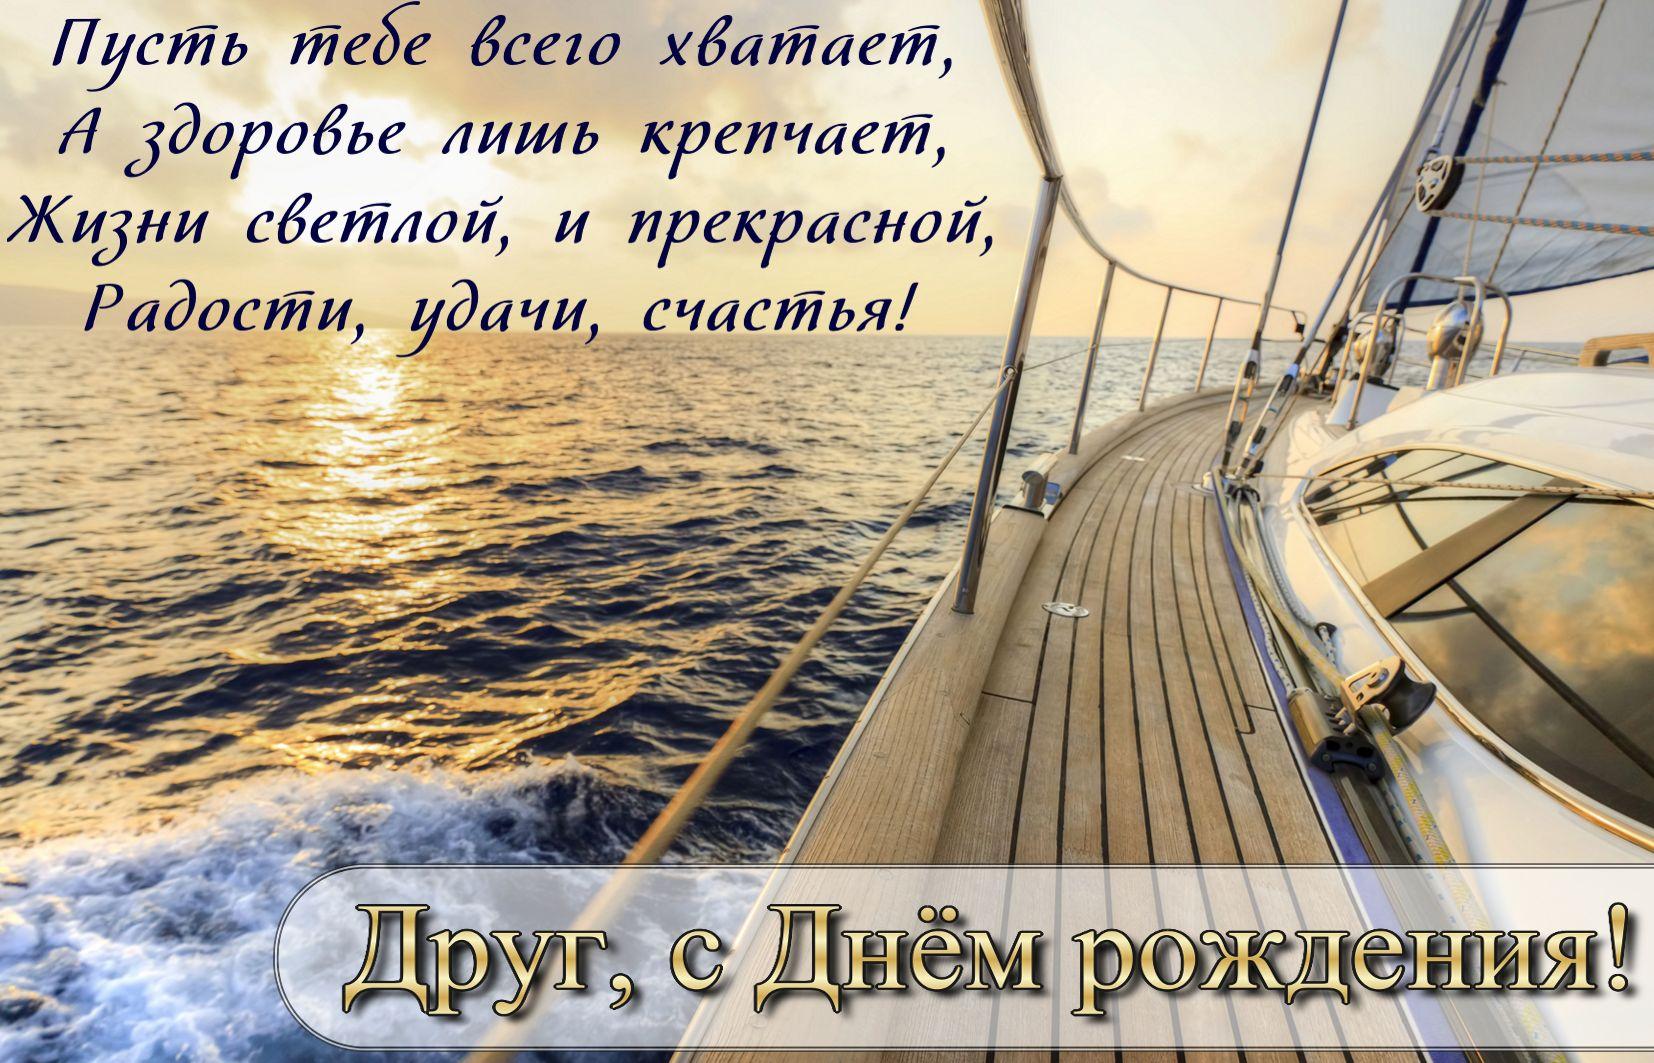 Пожелание с видом на море с борта яхты